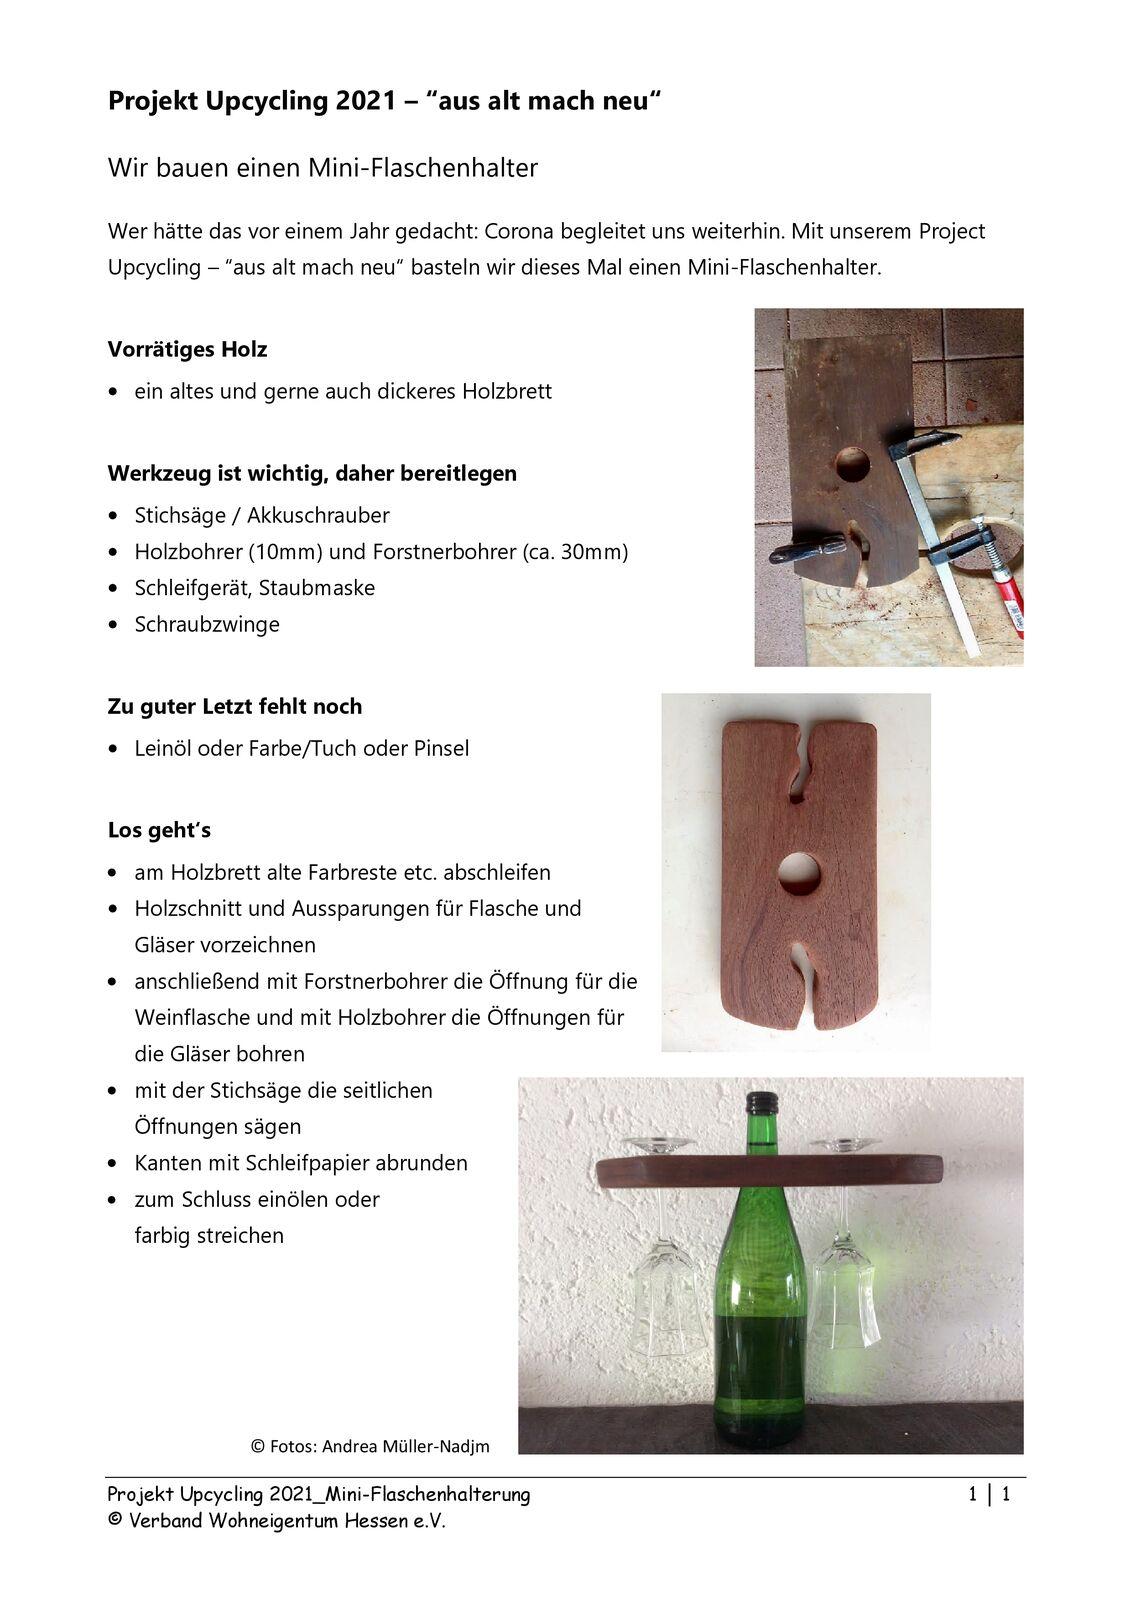 Anleitung für den Bau eines Flaschenhalters